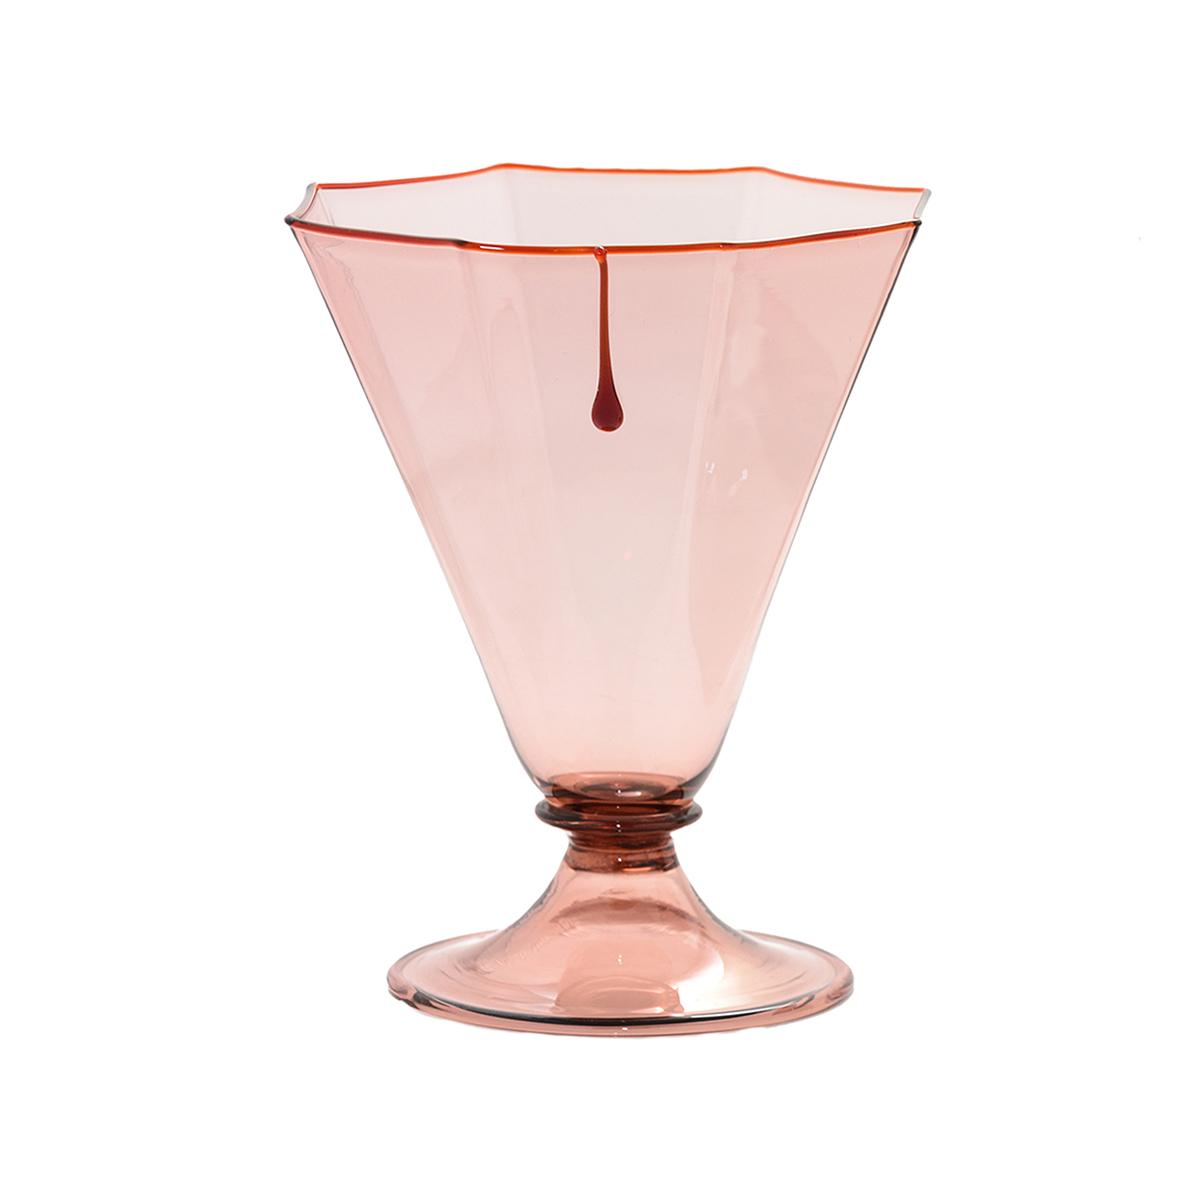 mina_water_glass_murano_design_venice_giberto_handmade_luxury